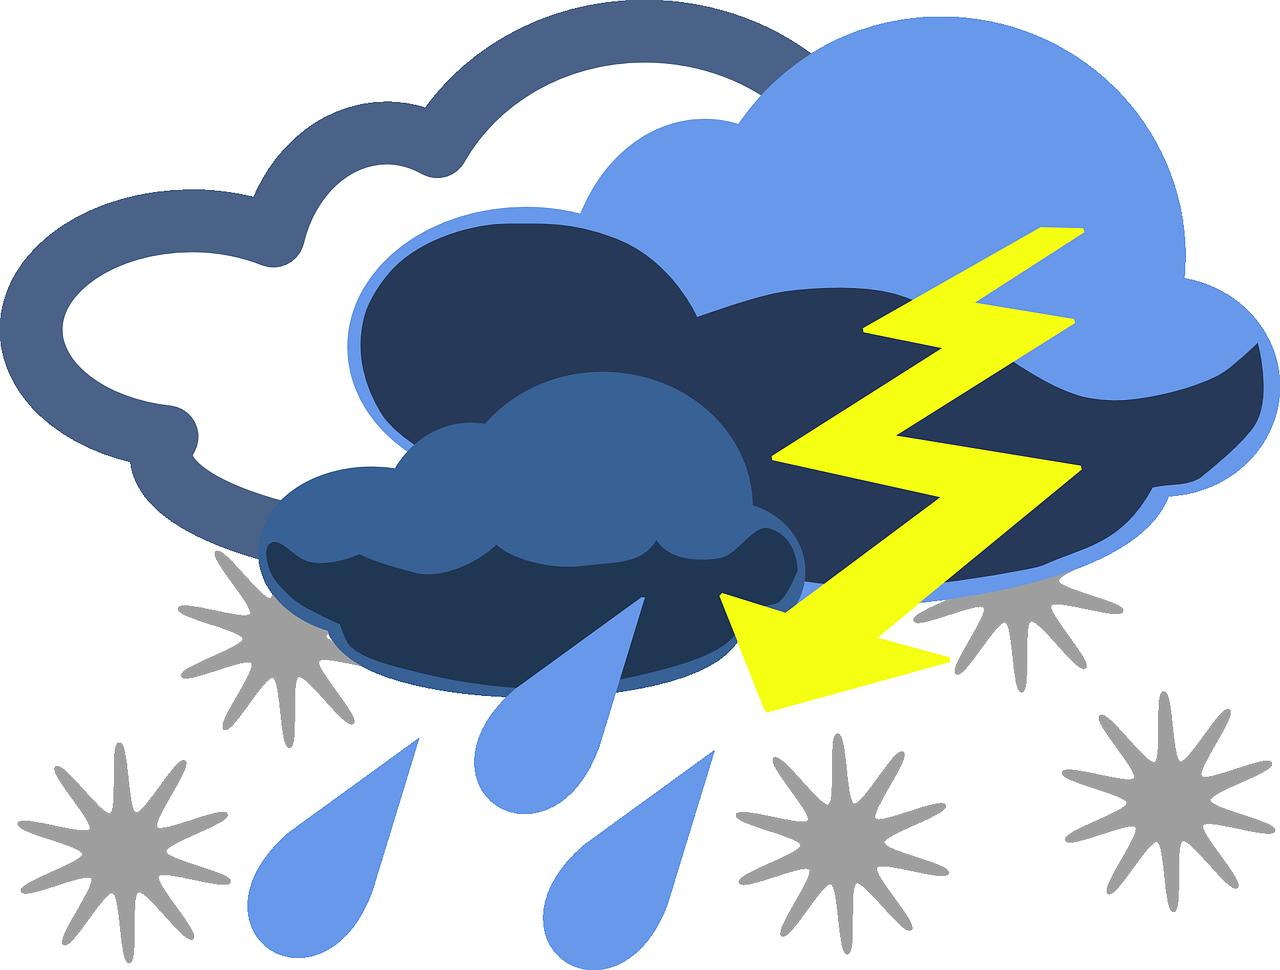 ❗️ UWAGA ❗️ Prognozuje się miejscami wystąpienie słabych opadów 🌧marznącego deszczu lub mżawki powodujących gołoledź. ➡️Województwo dolnośląskie powiat złotoryjski Ważność od godz. 10:00 dnia 22.01.2020 do godz. 16:00 dnia 22.01.2020